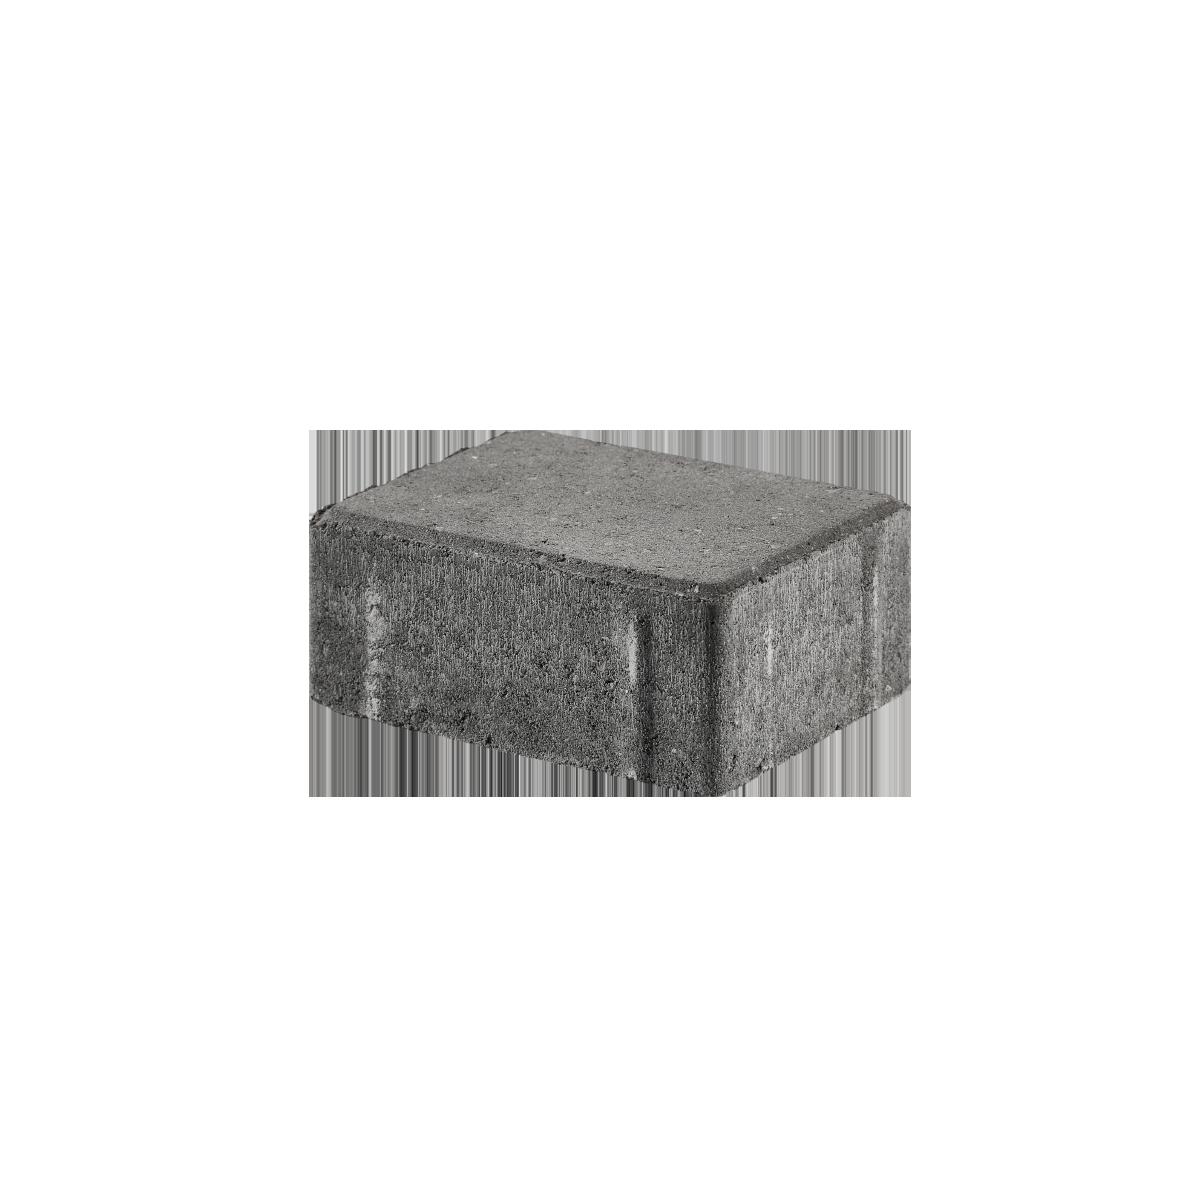 Bondesten 14x10,5x5 cm Gråmix Halve